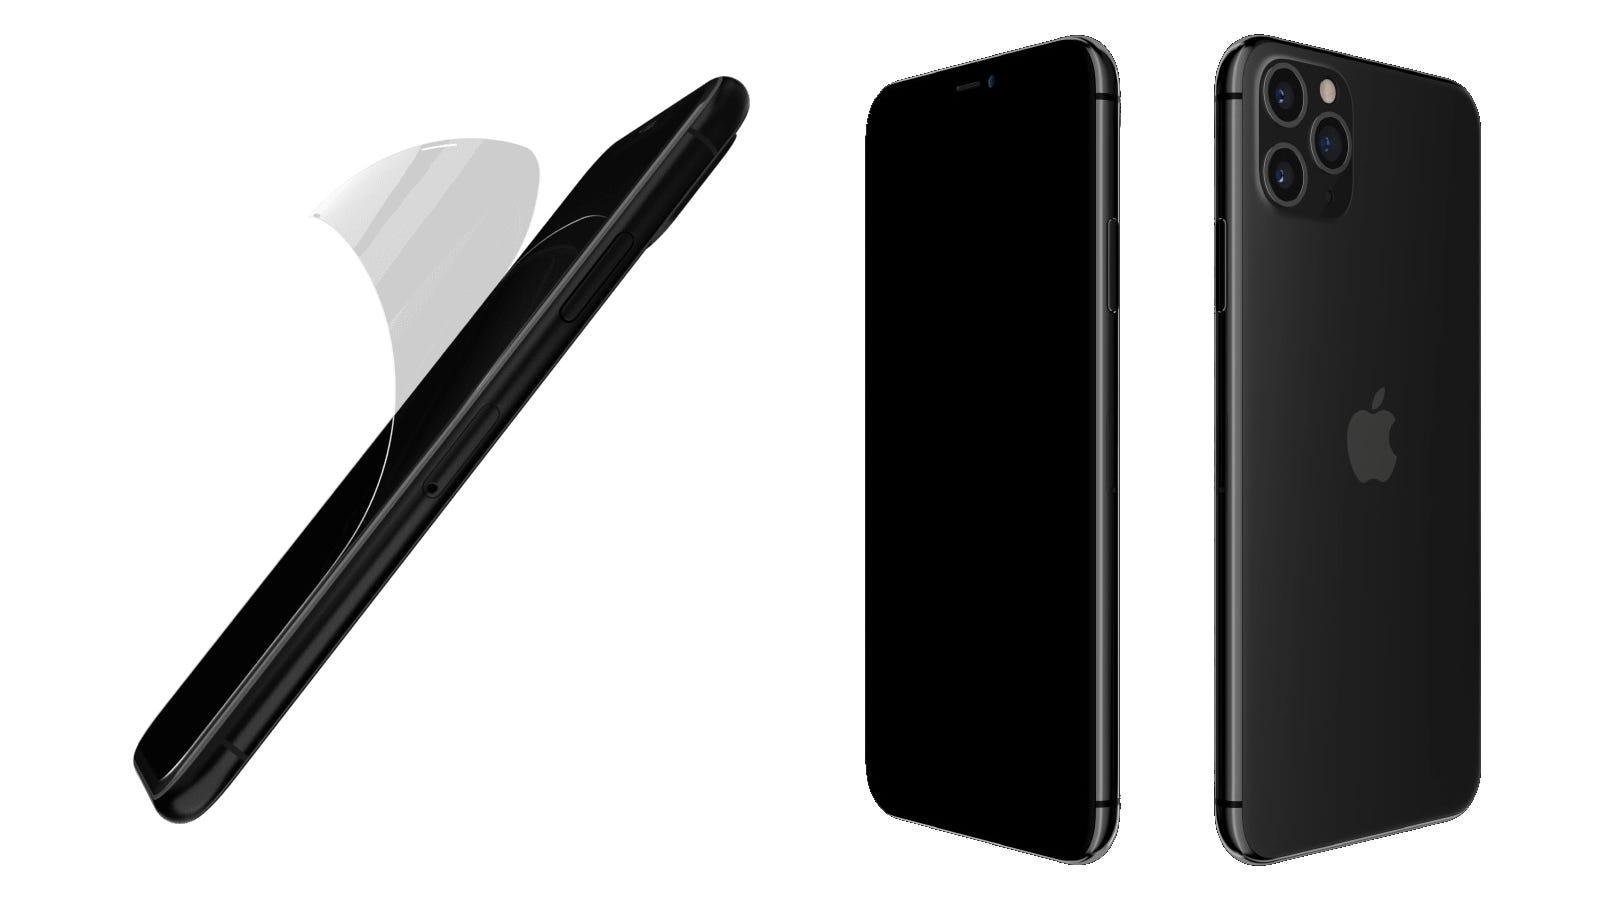 dBrand Prism iPhone 11, 11 Pro, 11 Pro Max Screen Protectors